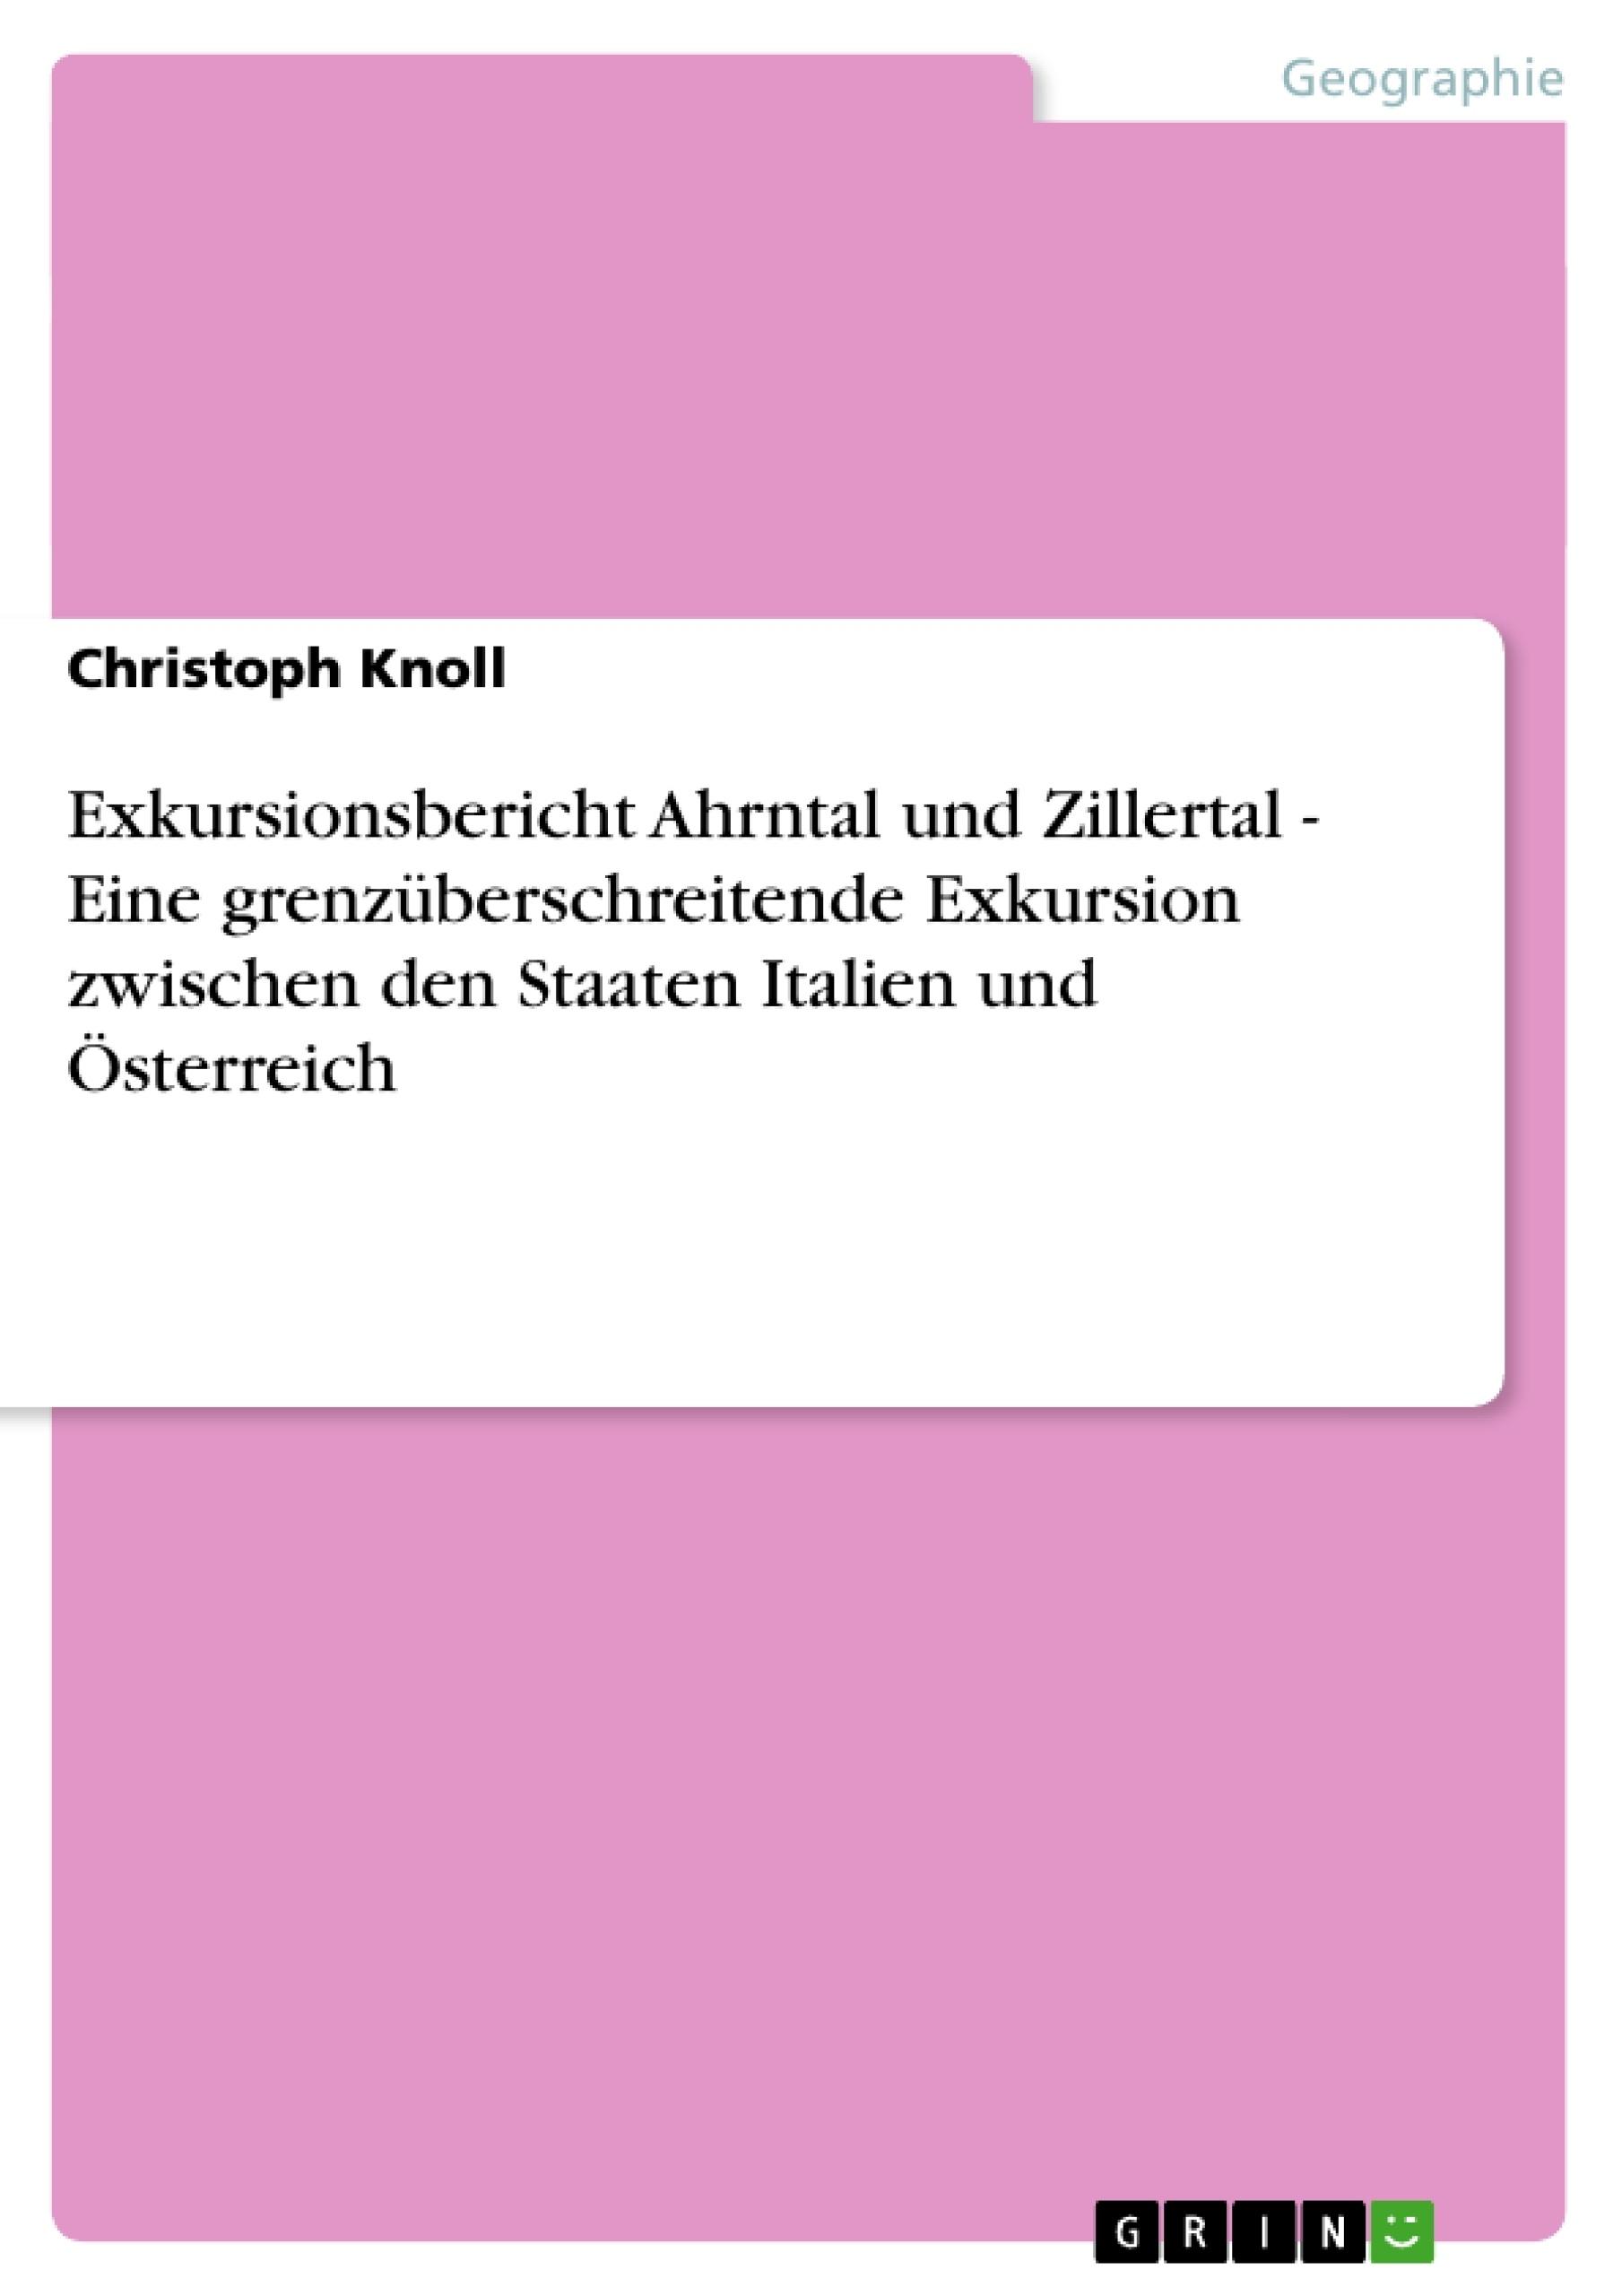 Titel: Exkursionsbericht Ahrntal und Zillertal - Eine grenzüberschreitende Exkursion zwischen den Staaten Italien und Österreich